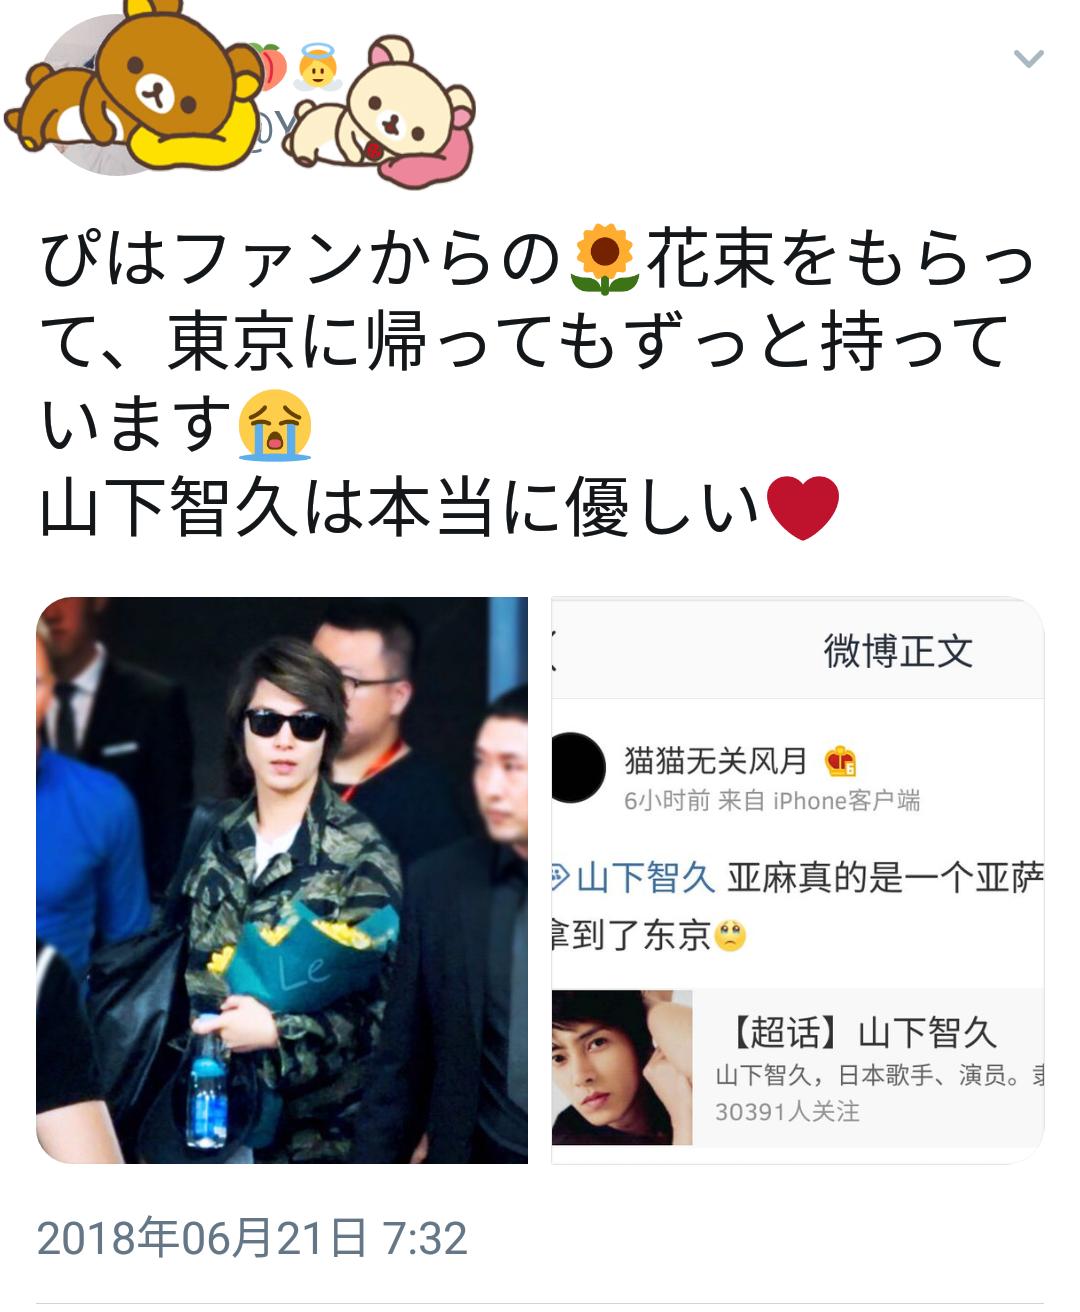 山下智久、中国SNS「微博」に登場 現地ファン熱狂...公式個人アカウント、J史上初か